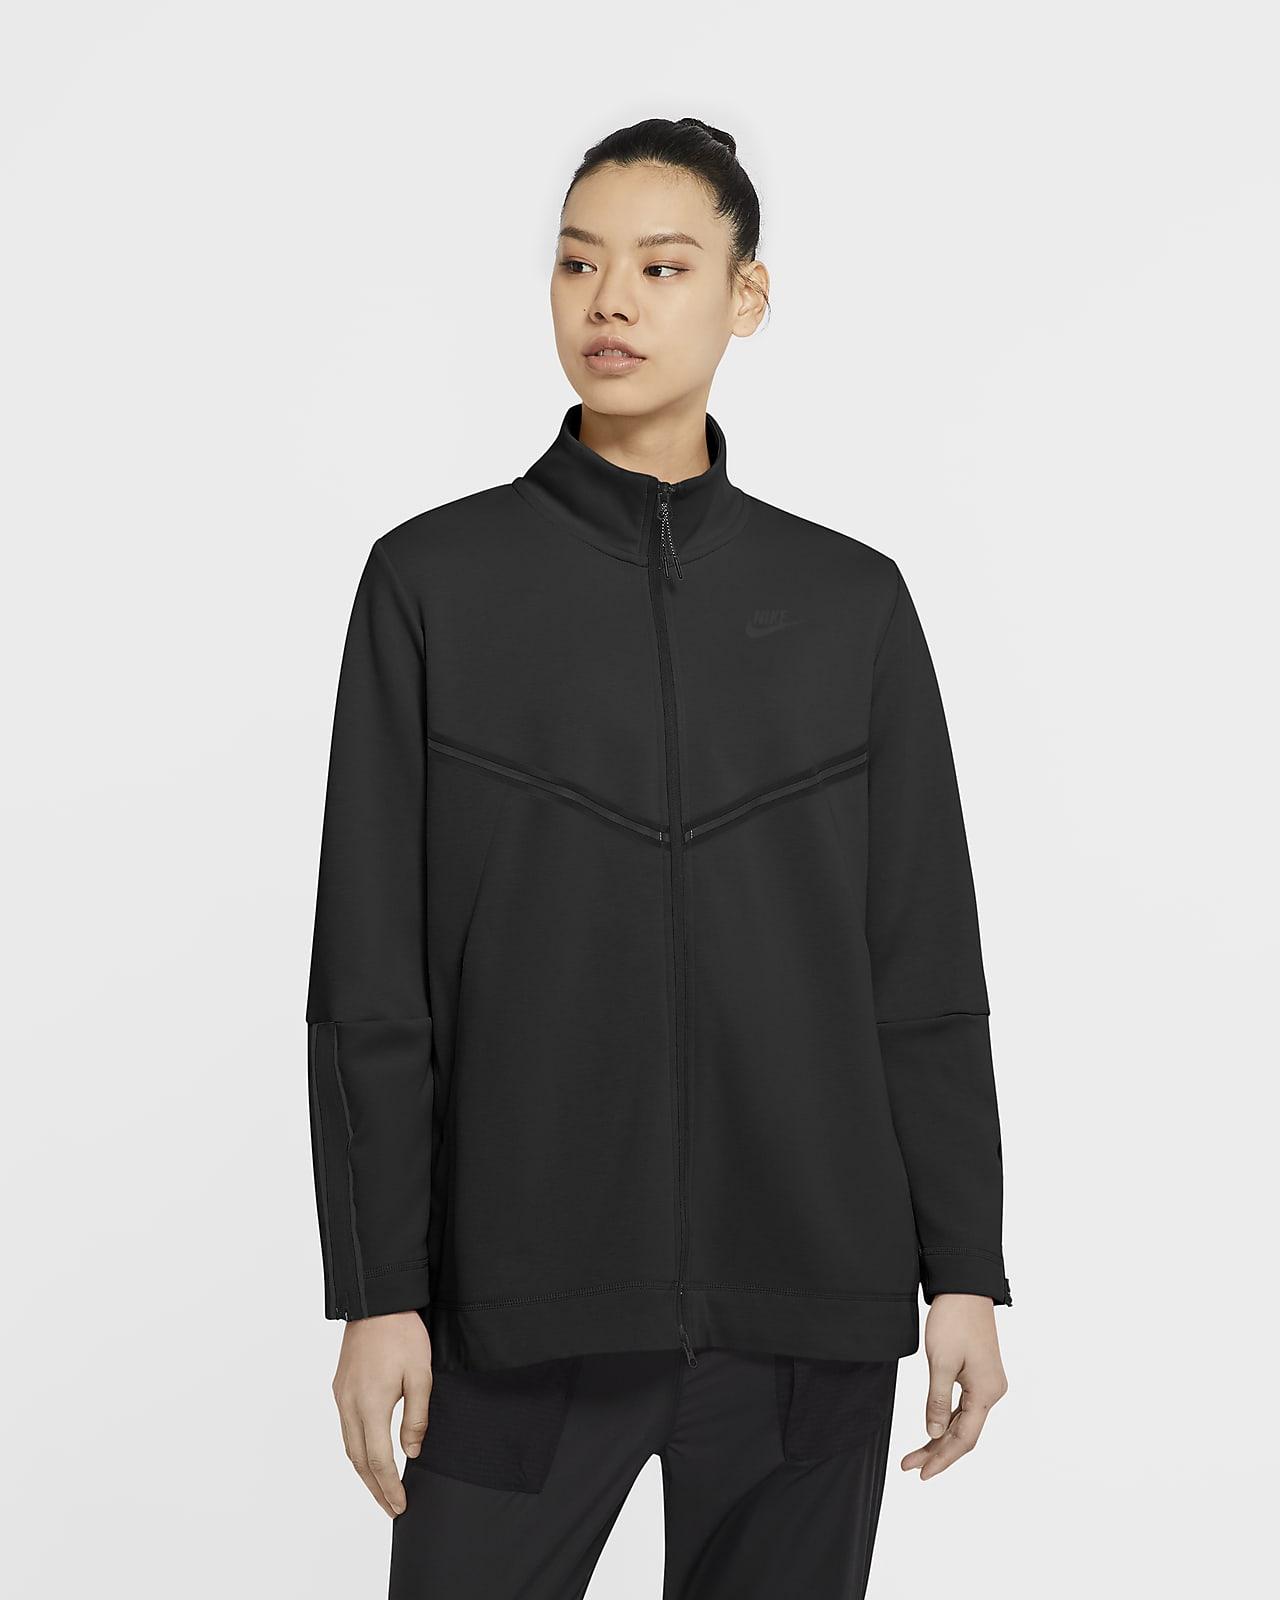 Nike Sportswear Tech Fleece Women's Full-Zip Long Sleeve